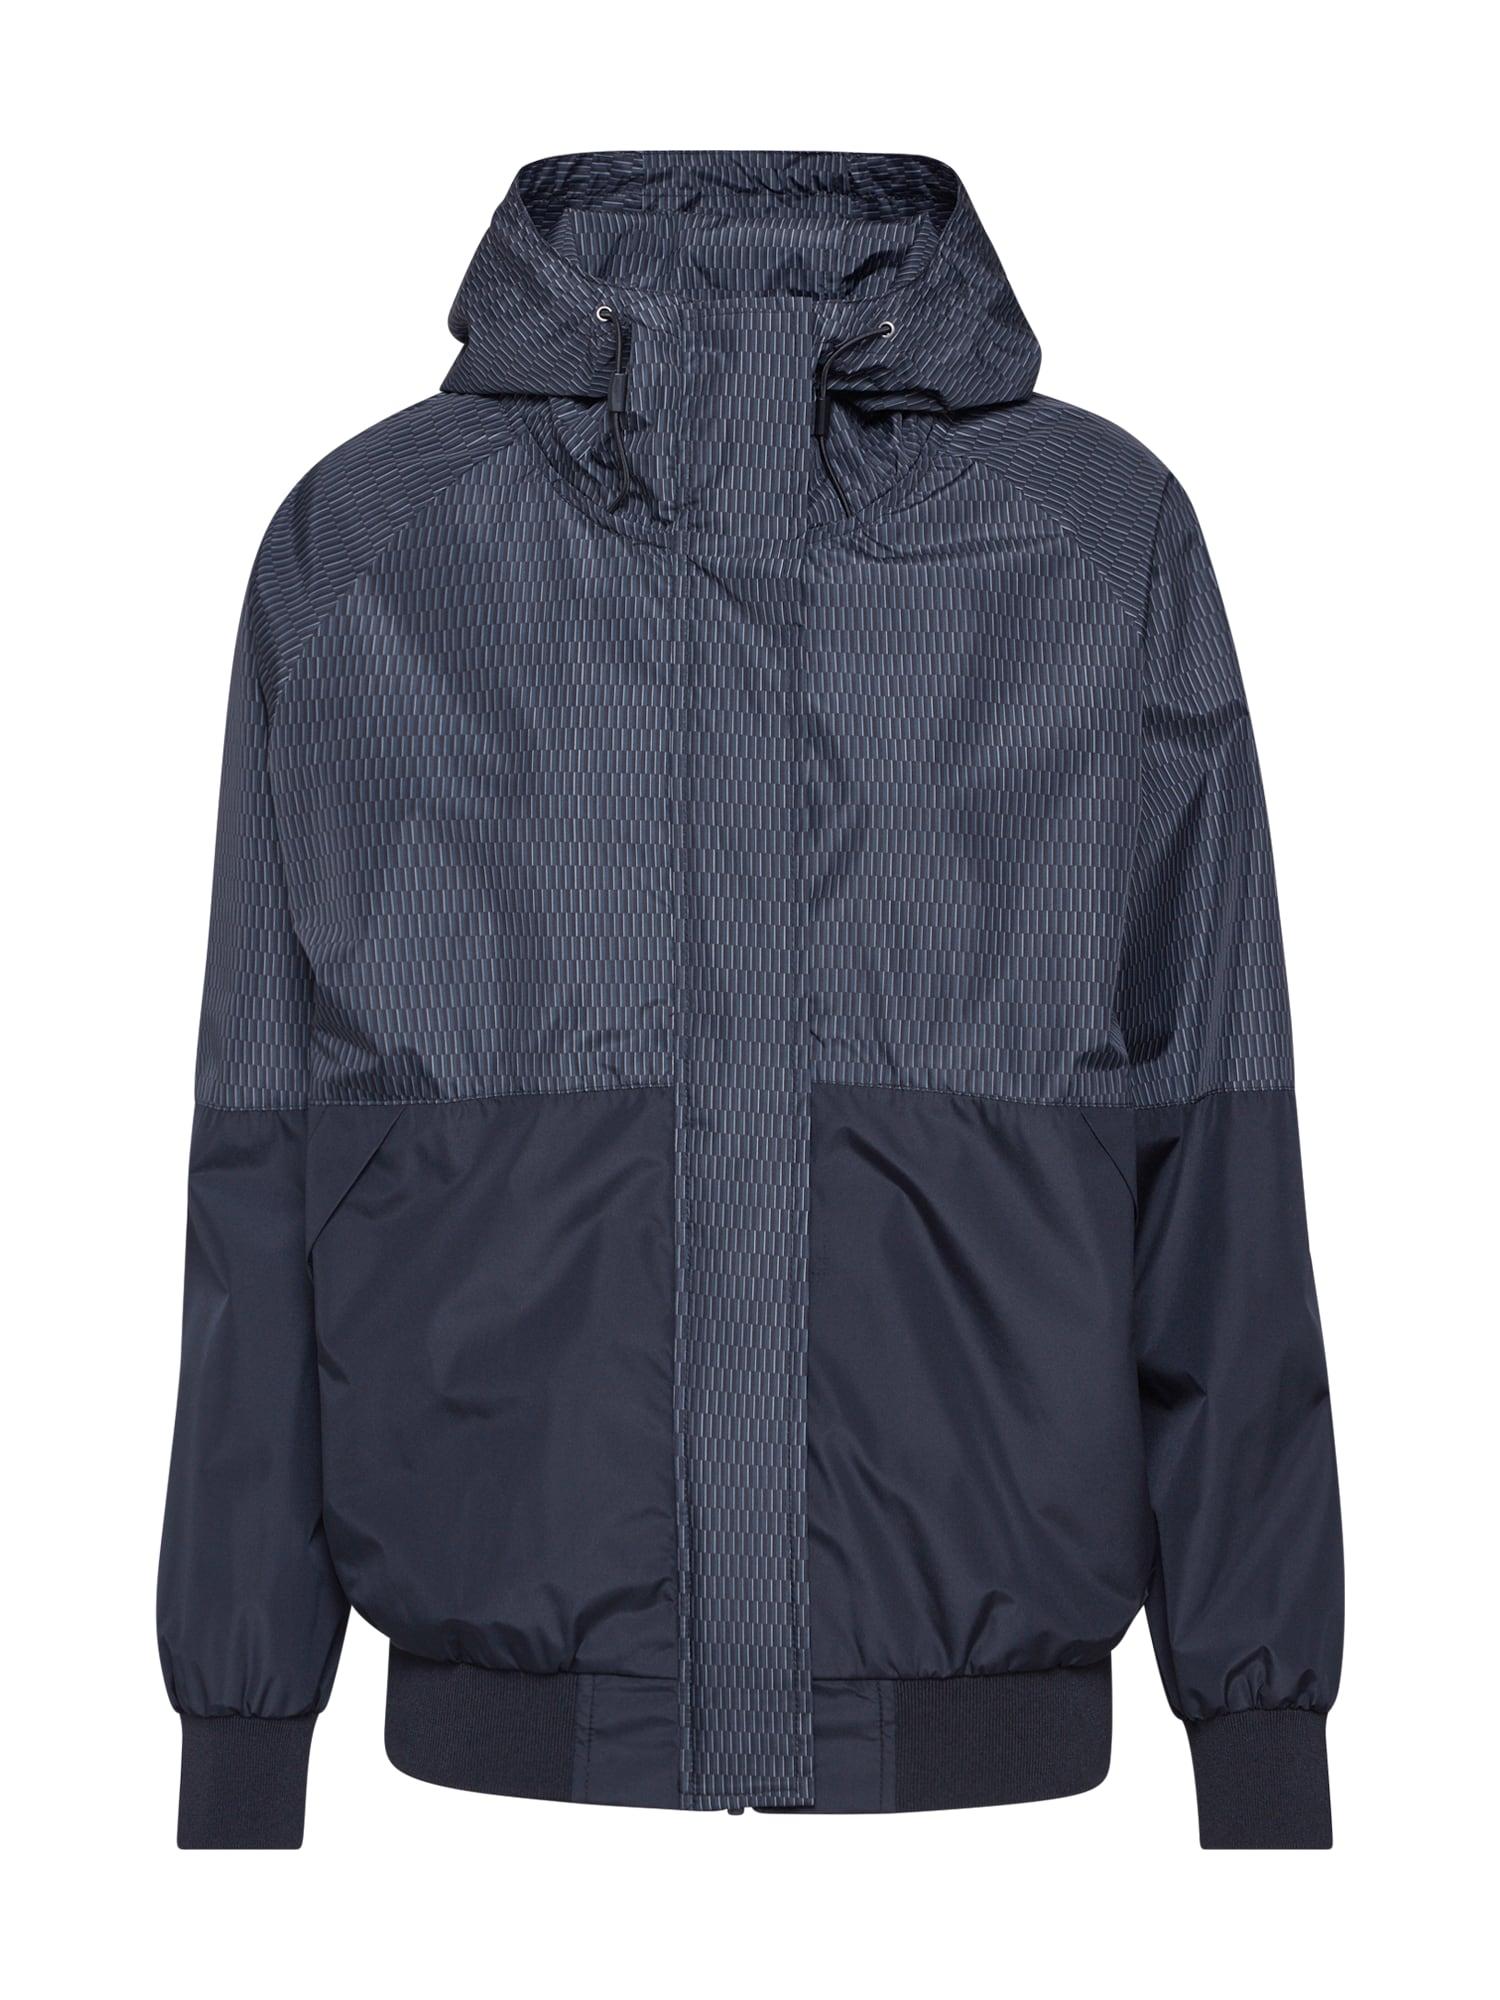 Iriedaily Demisezoninė striukė 'Blurred Jacket' juoda